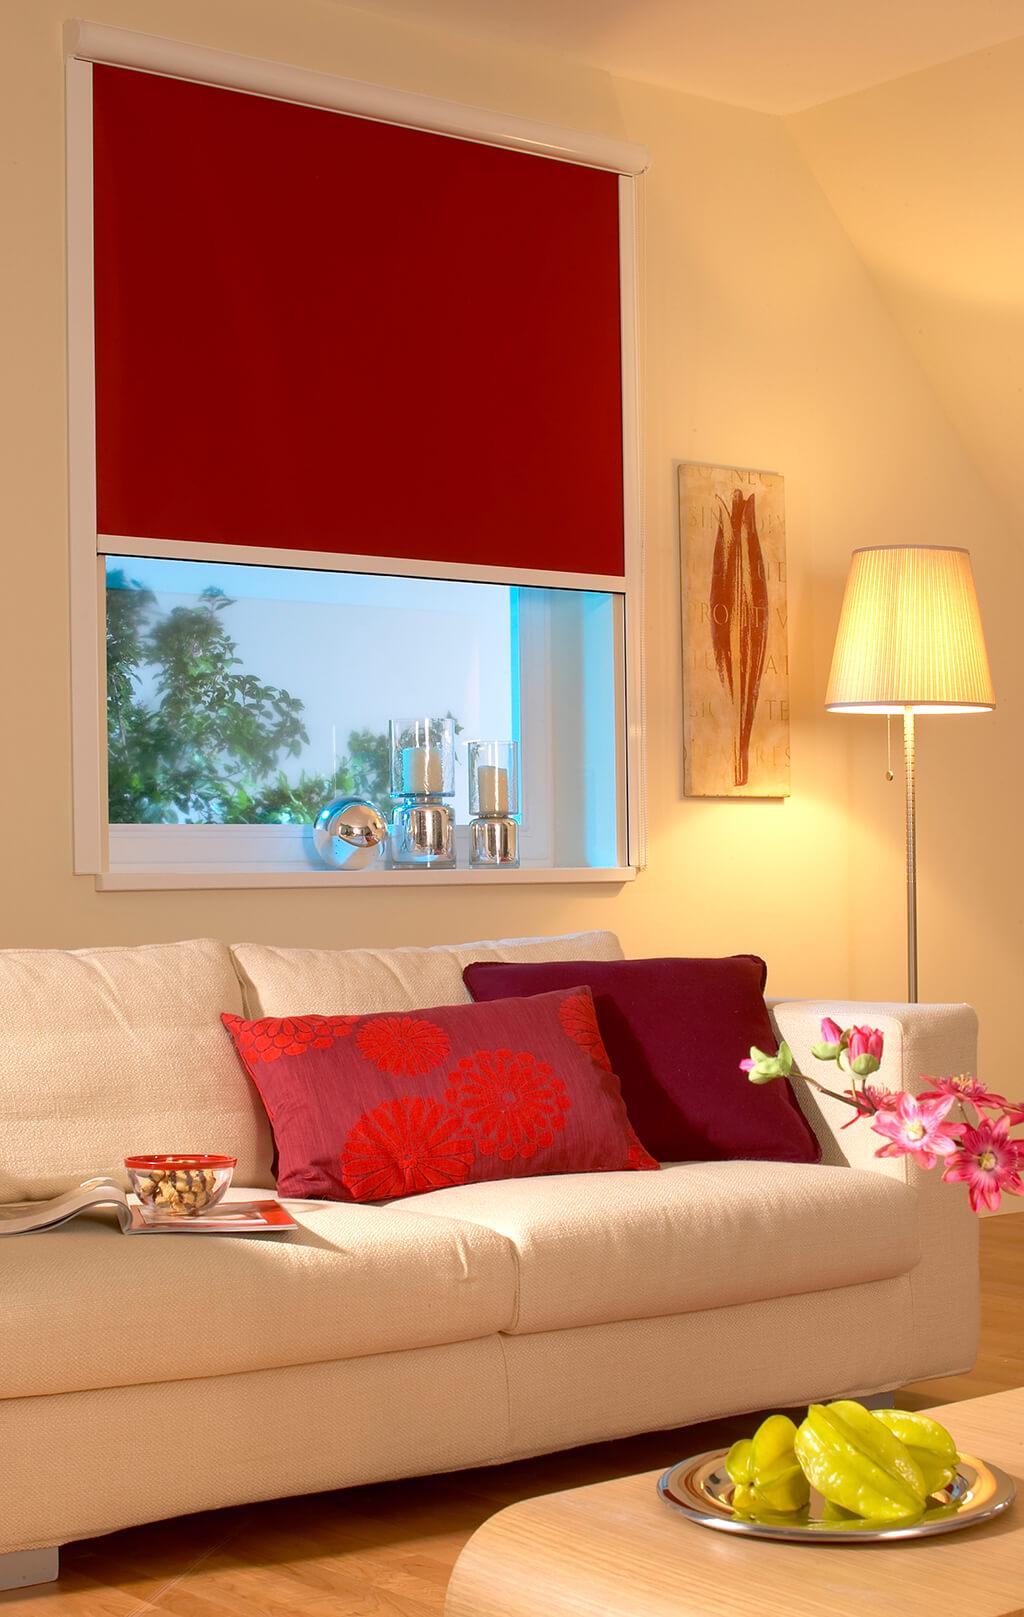 Rotes Verdunkelungsrollo mit seitlichen Schienen im Wohnzimmer